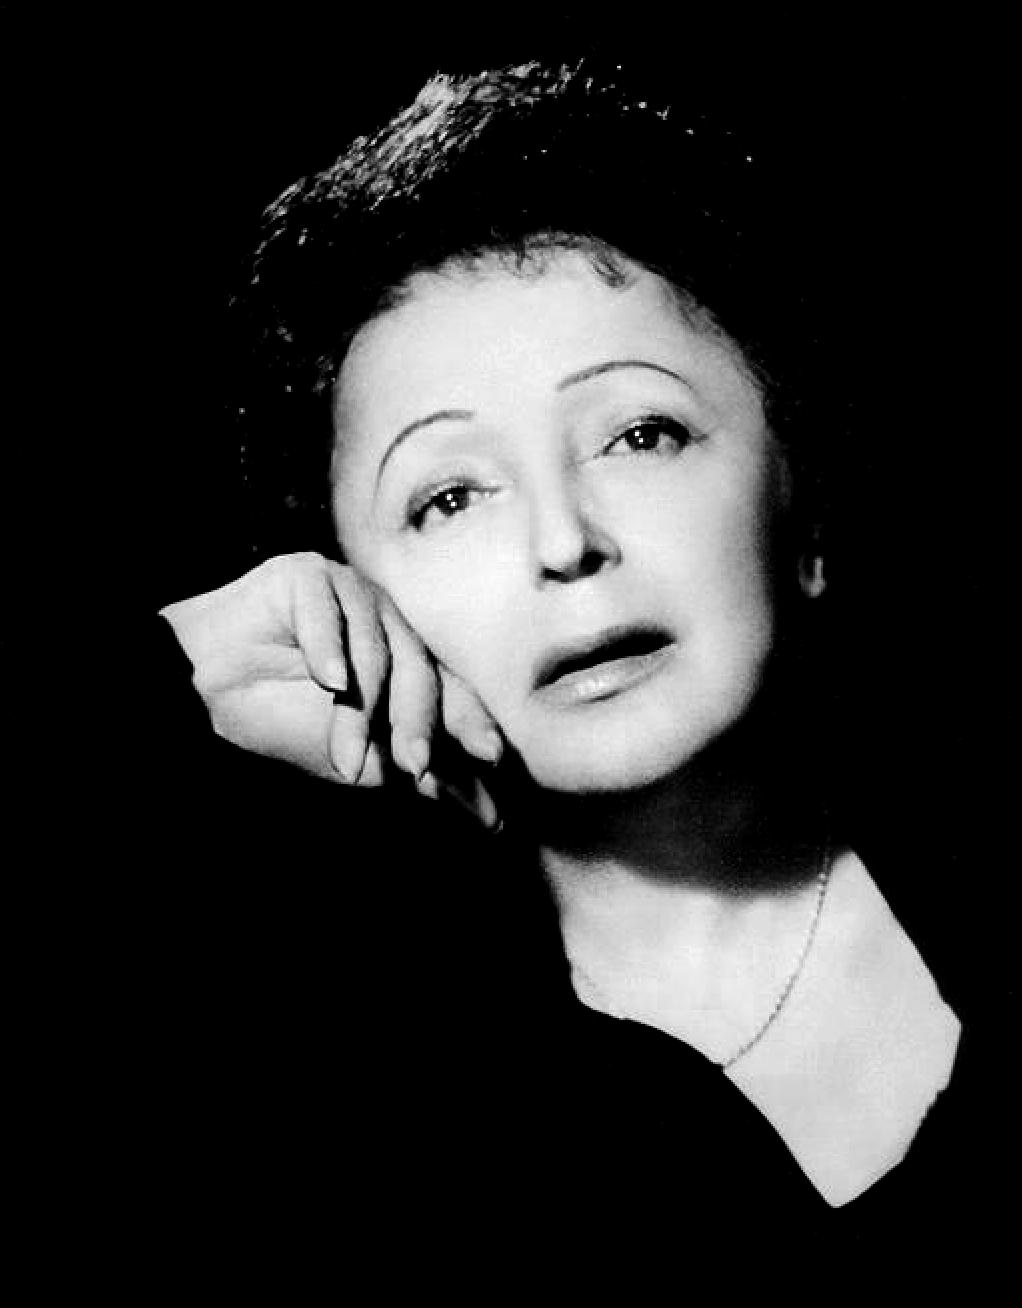 Legendary Edith Piaf